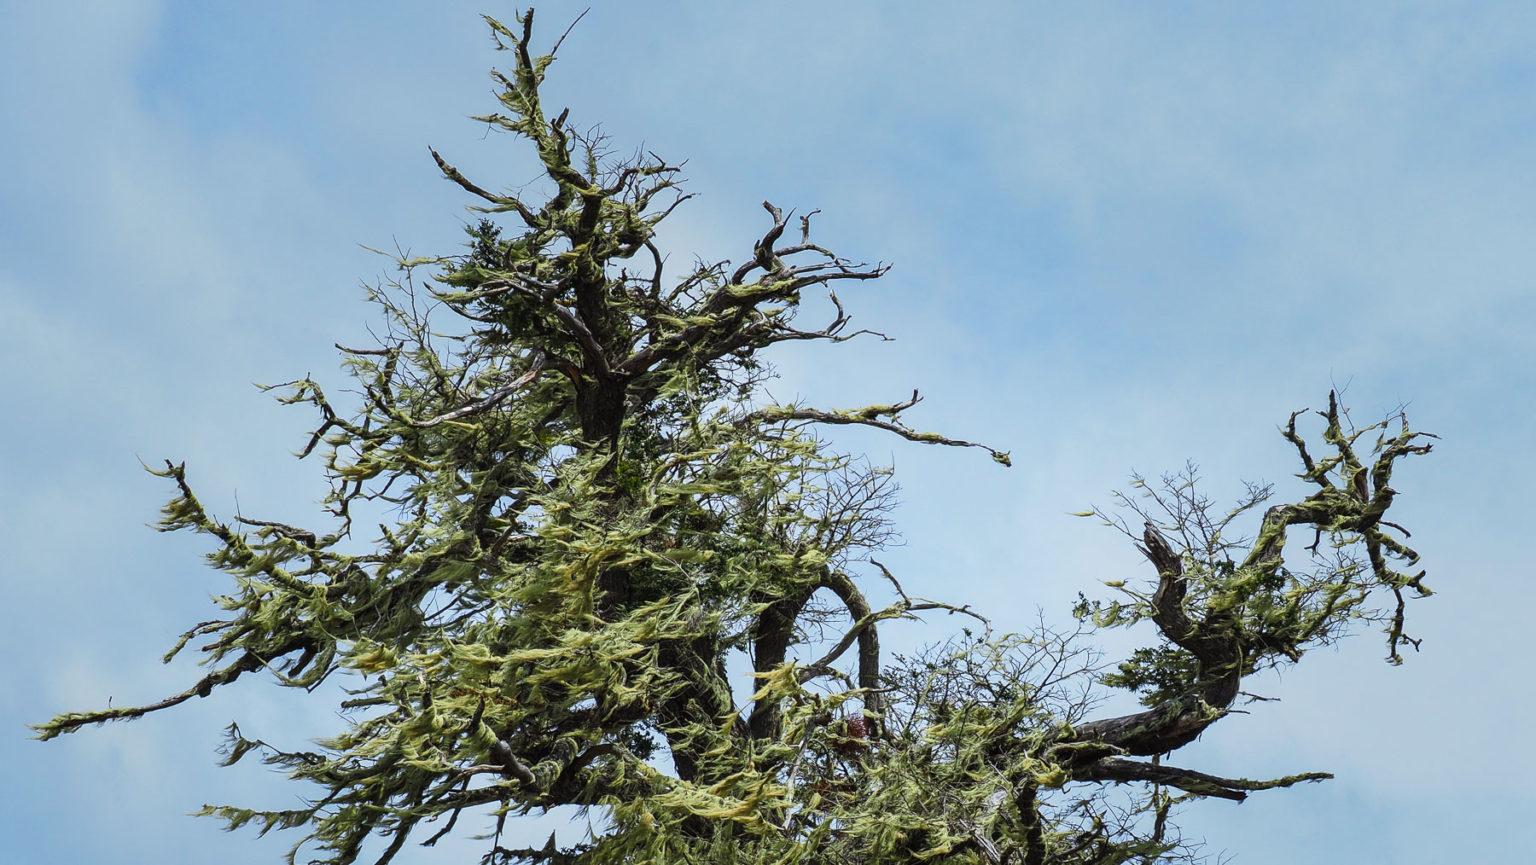 Den mit Flechten überwucherten Bäumen sieht man das harte Klima an